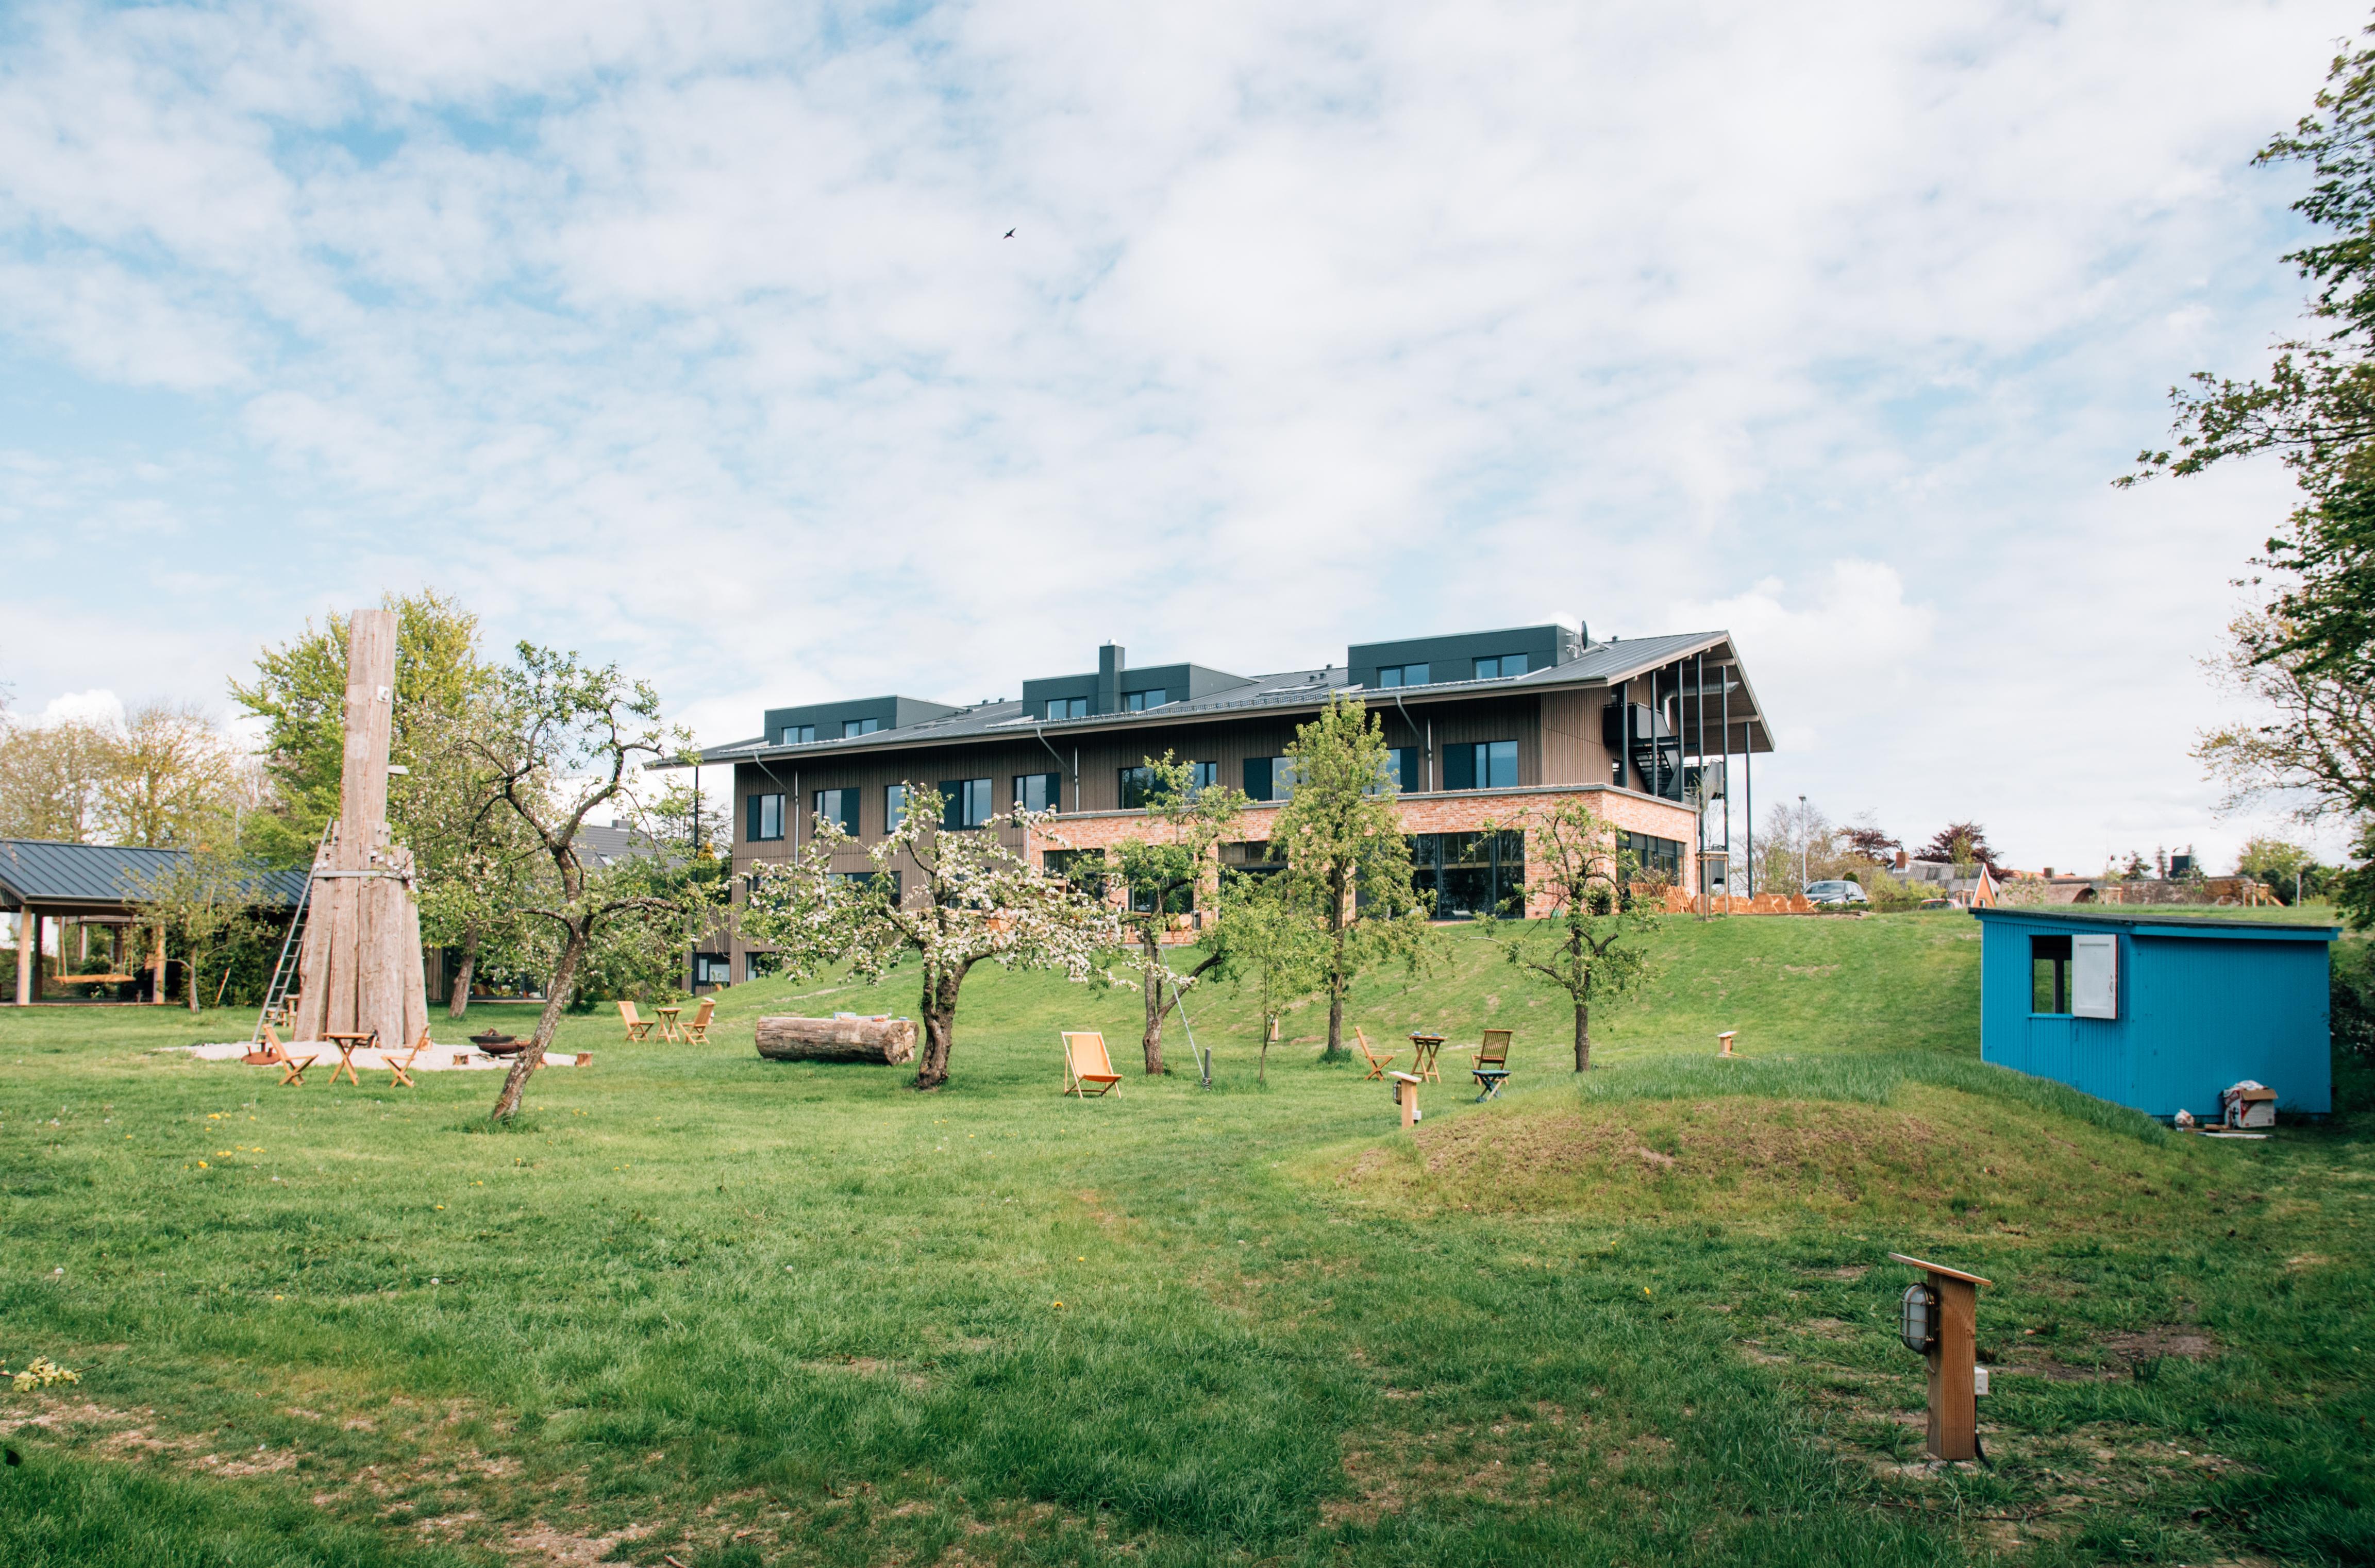 Hotel Landhafen - Ansicht mit Obstgarten